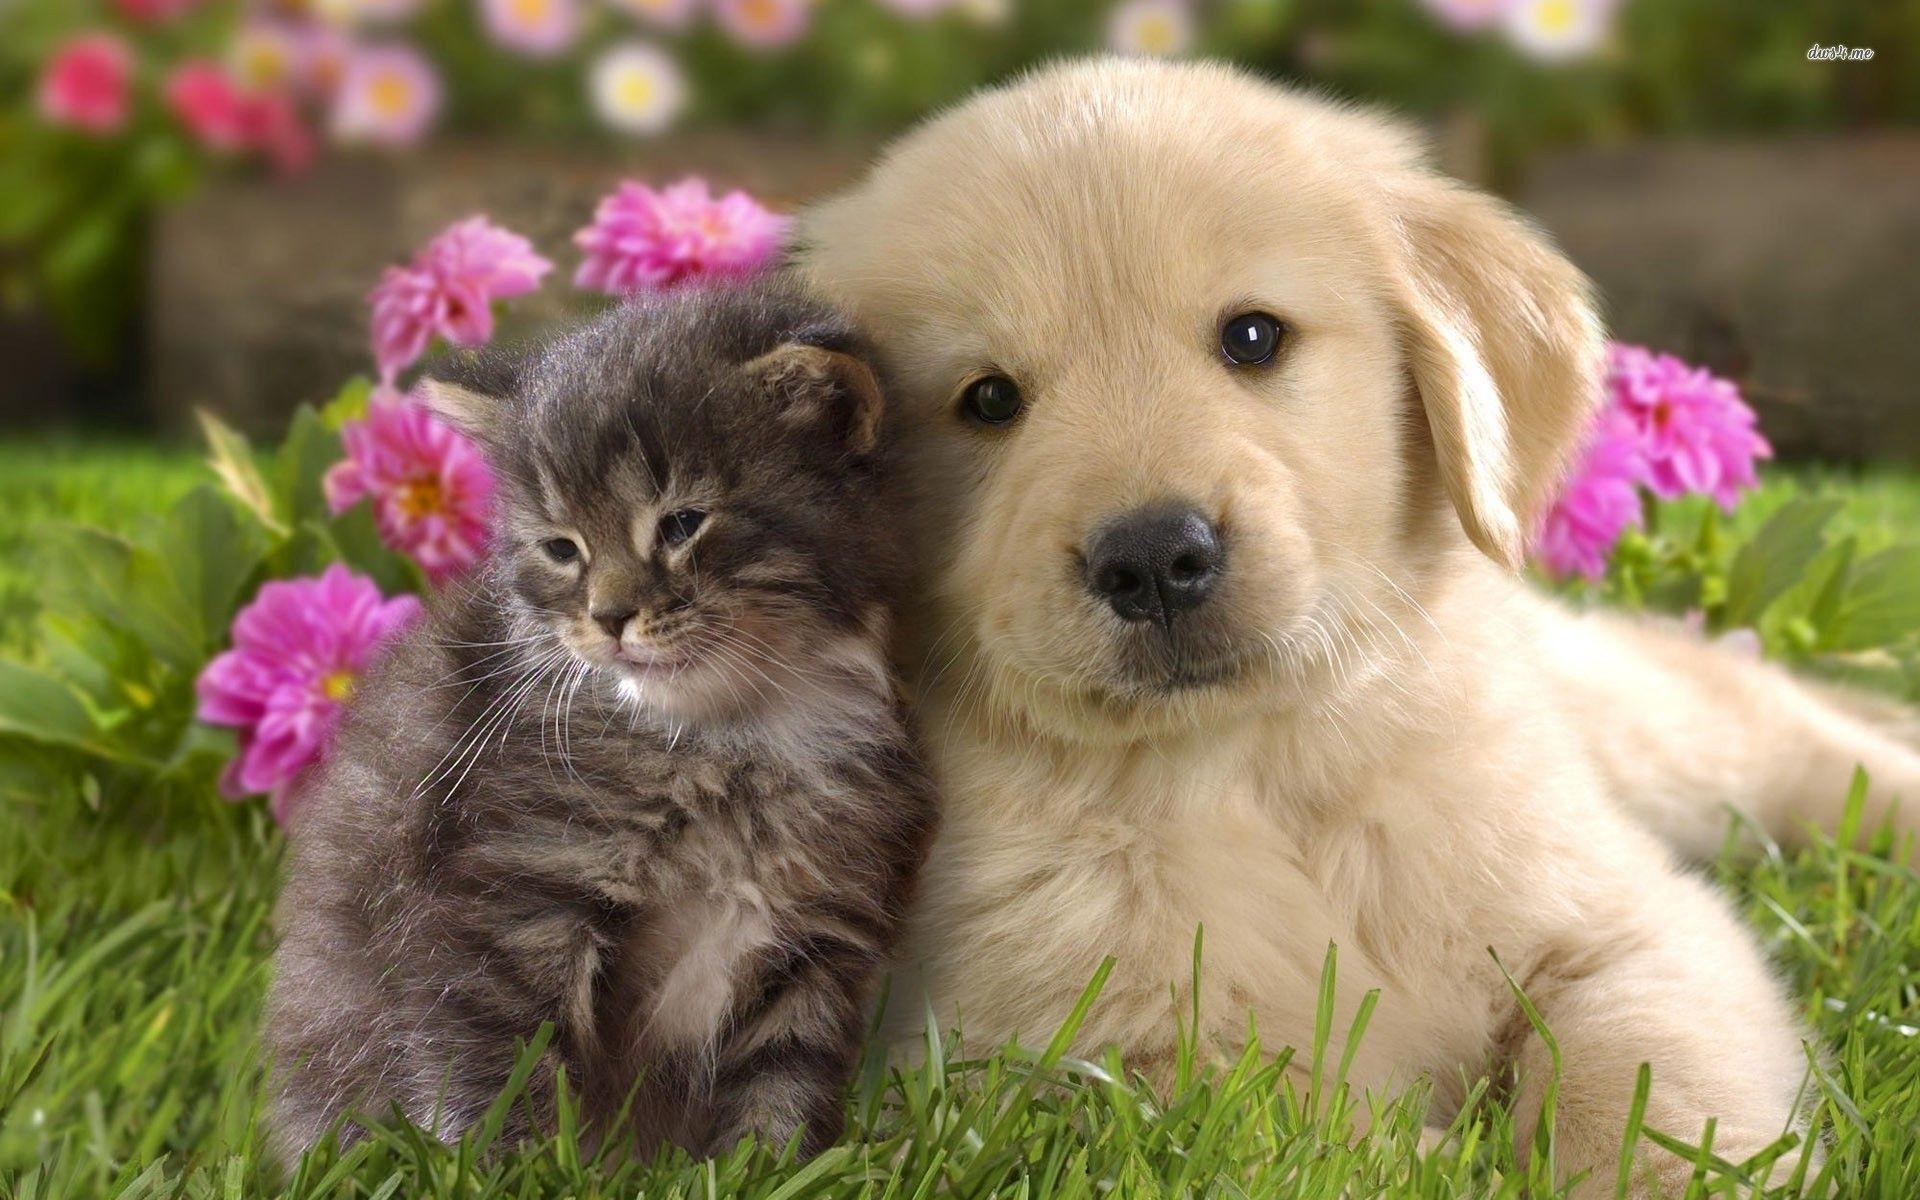 golden retriever puppies wallpaper | wallpaper wide hd | cute dogs